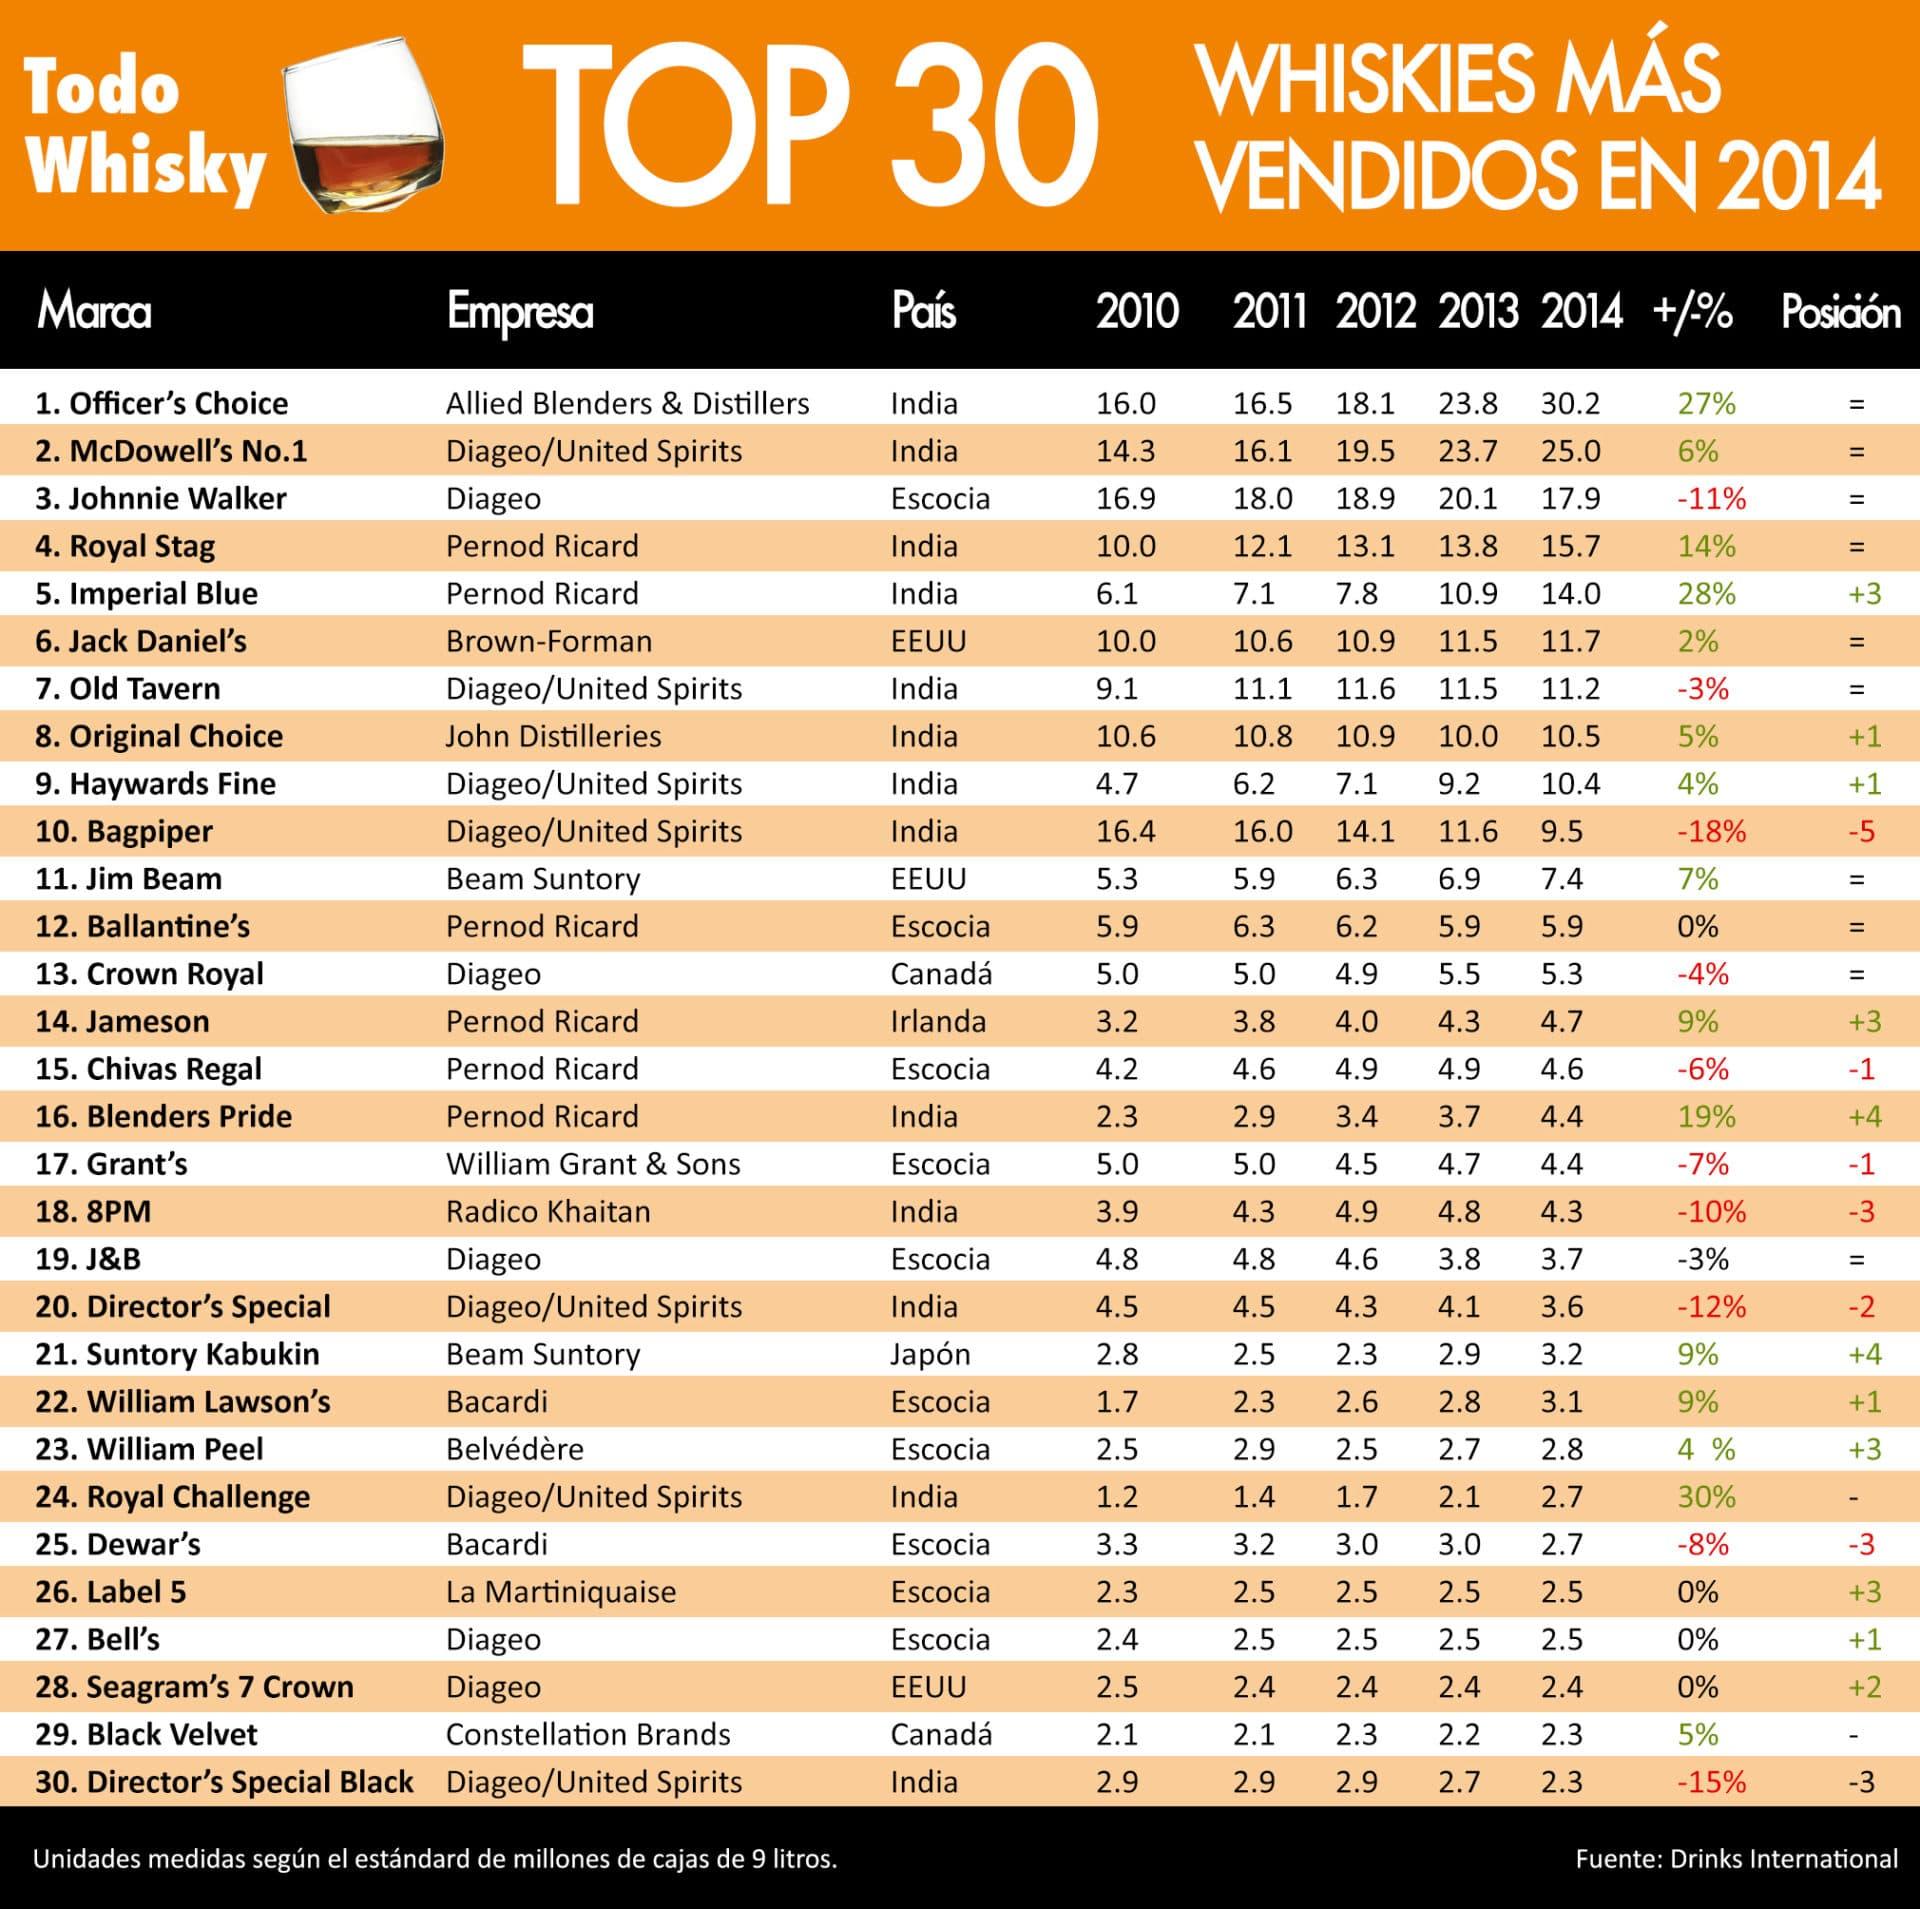 Los 30 whiskies m s vendidos del mundo en 2014 todo whisky - Articulos mas vendidos ...